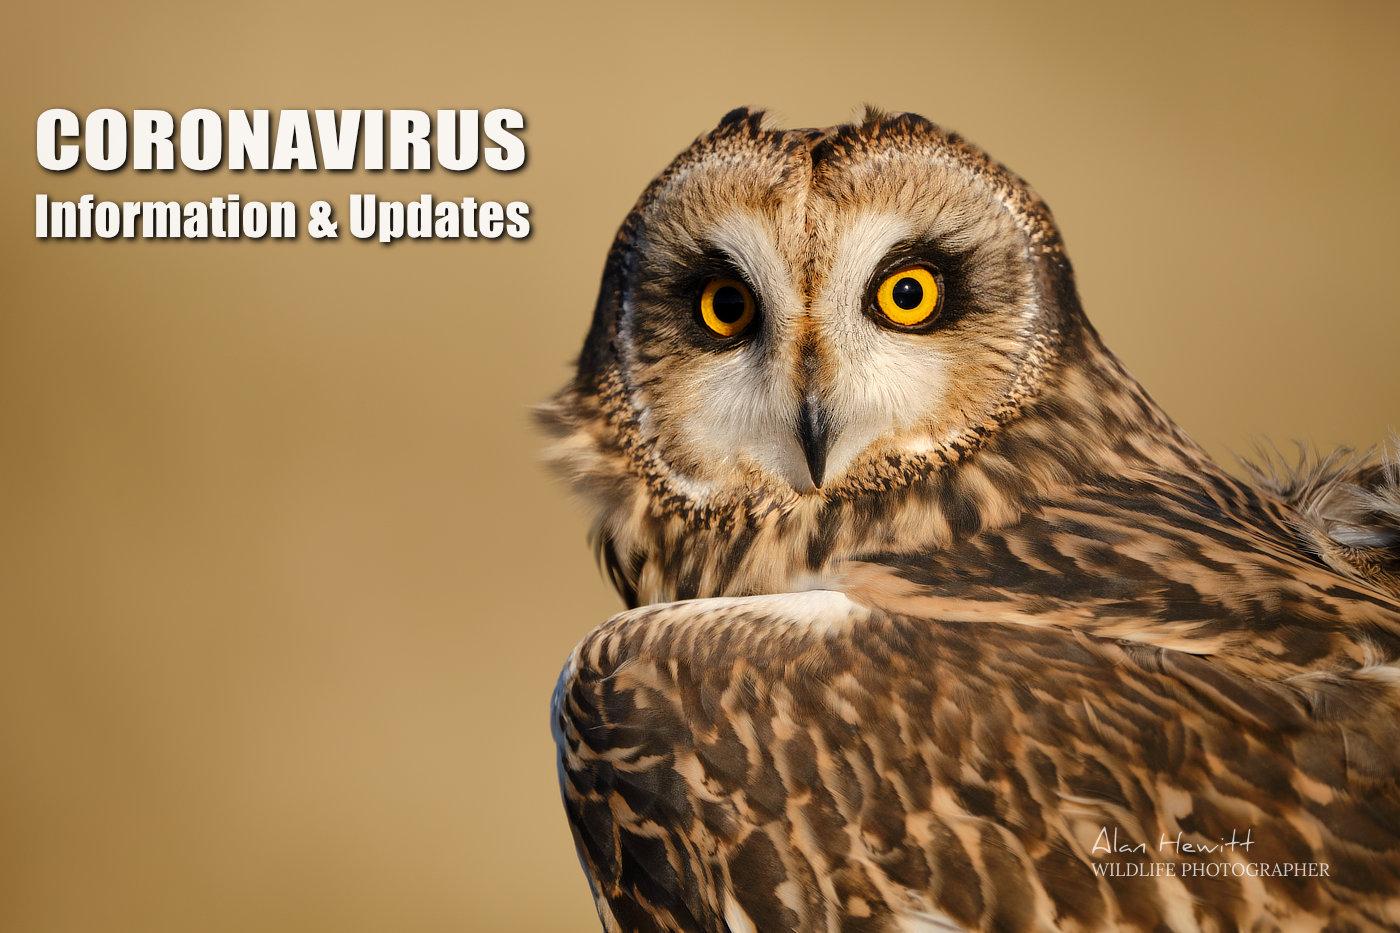 Alan Hewitt Photography Coronavirus Information and Updates